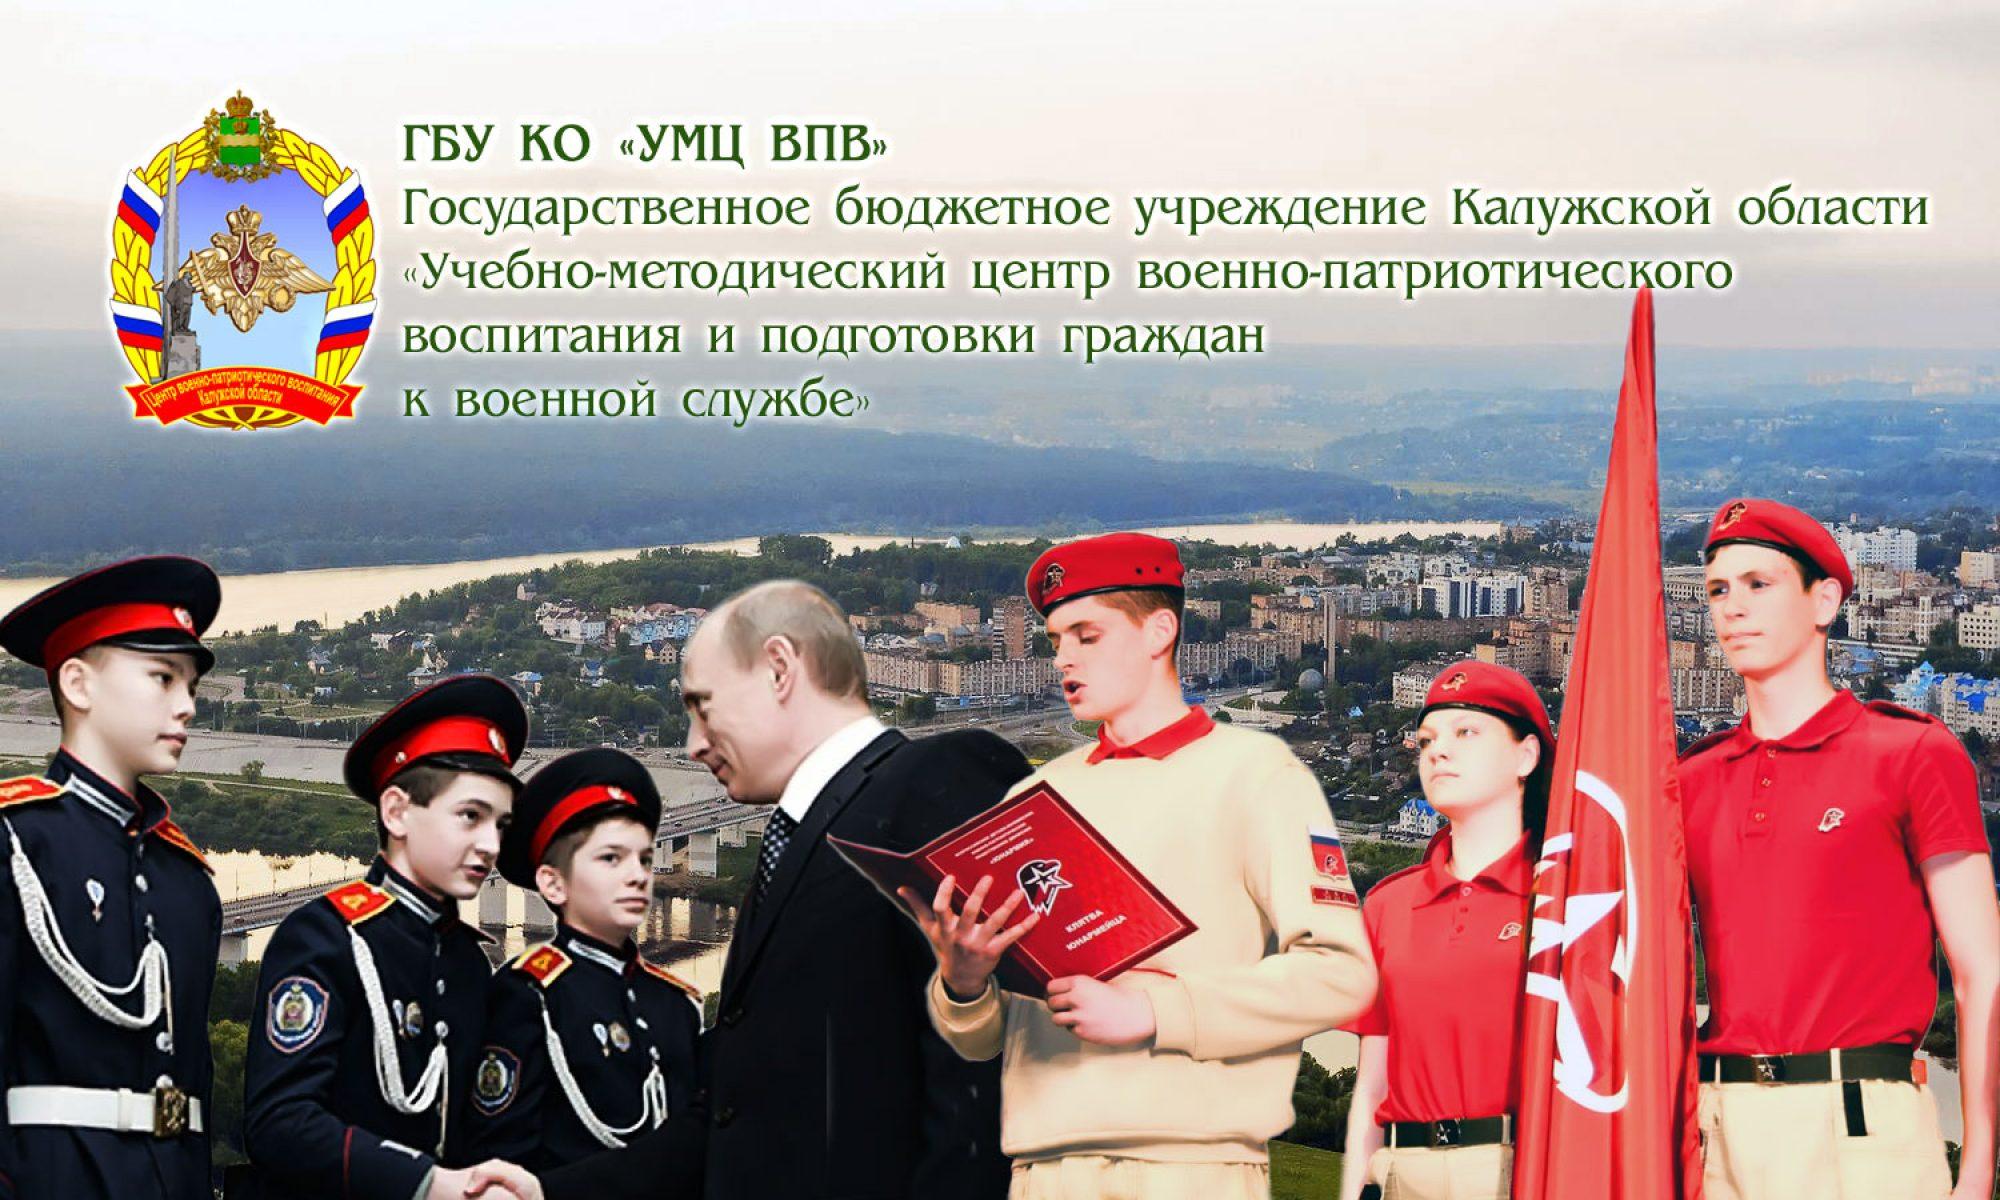 """ГБУ КО """"УМЦ ВПВ"""""""